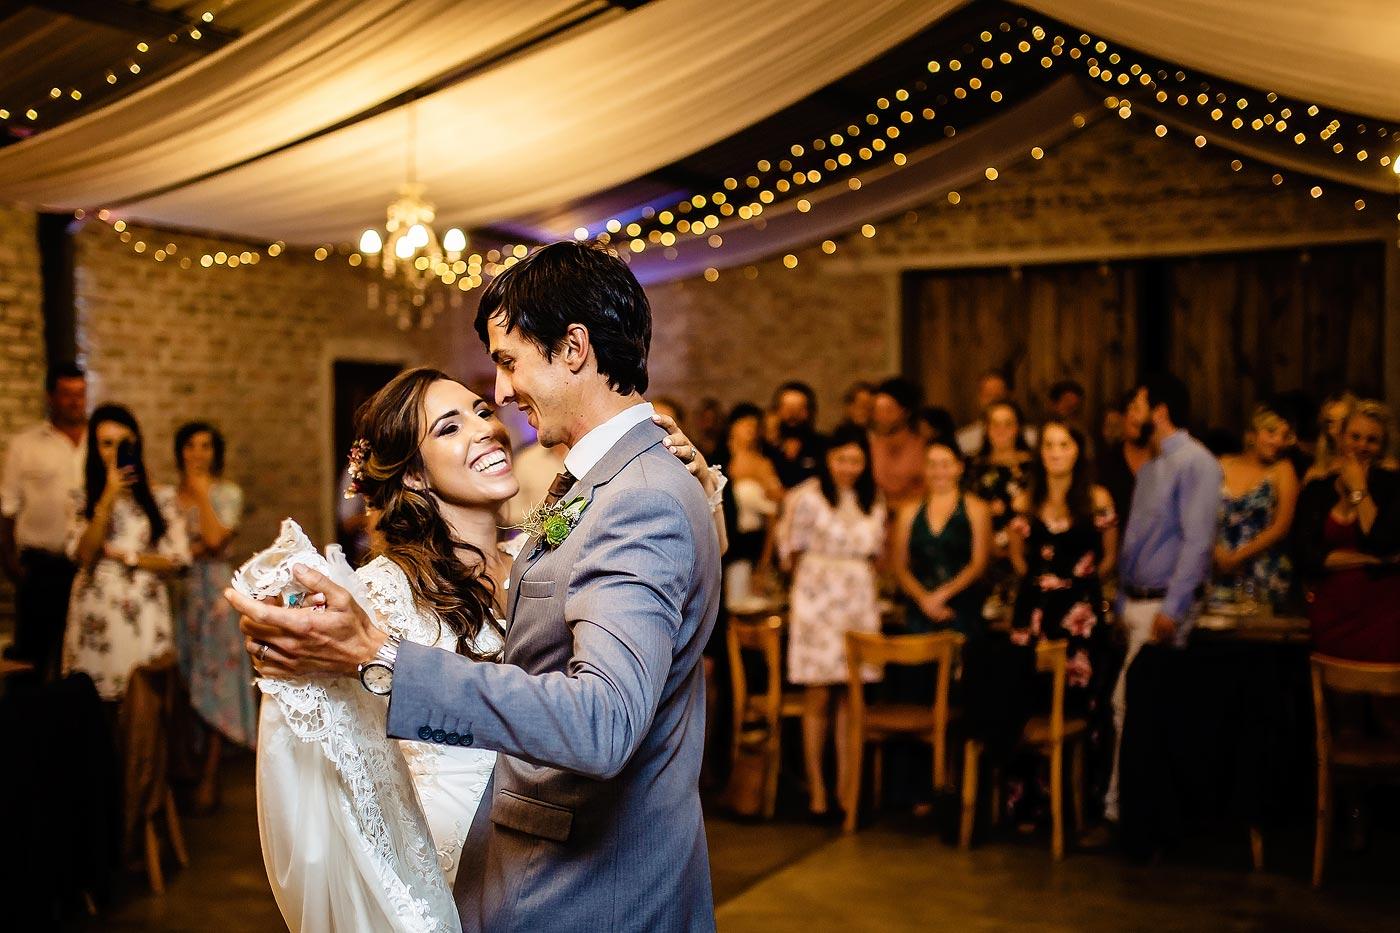 Fun moment between wedding couple on the dancefloor